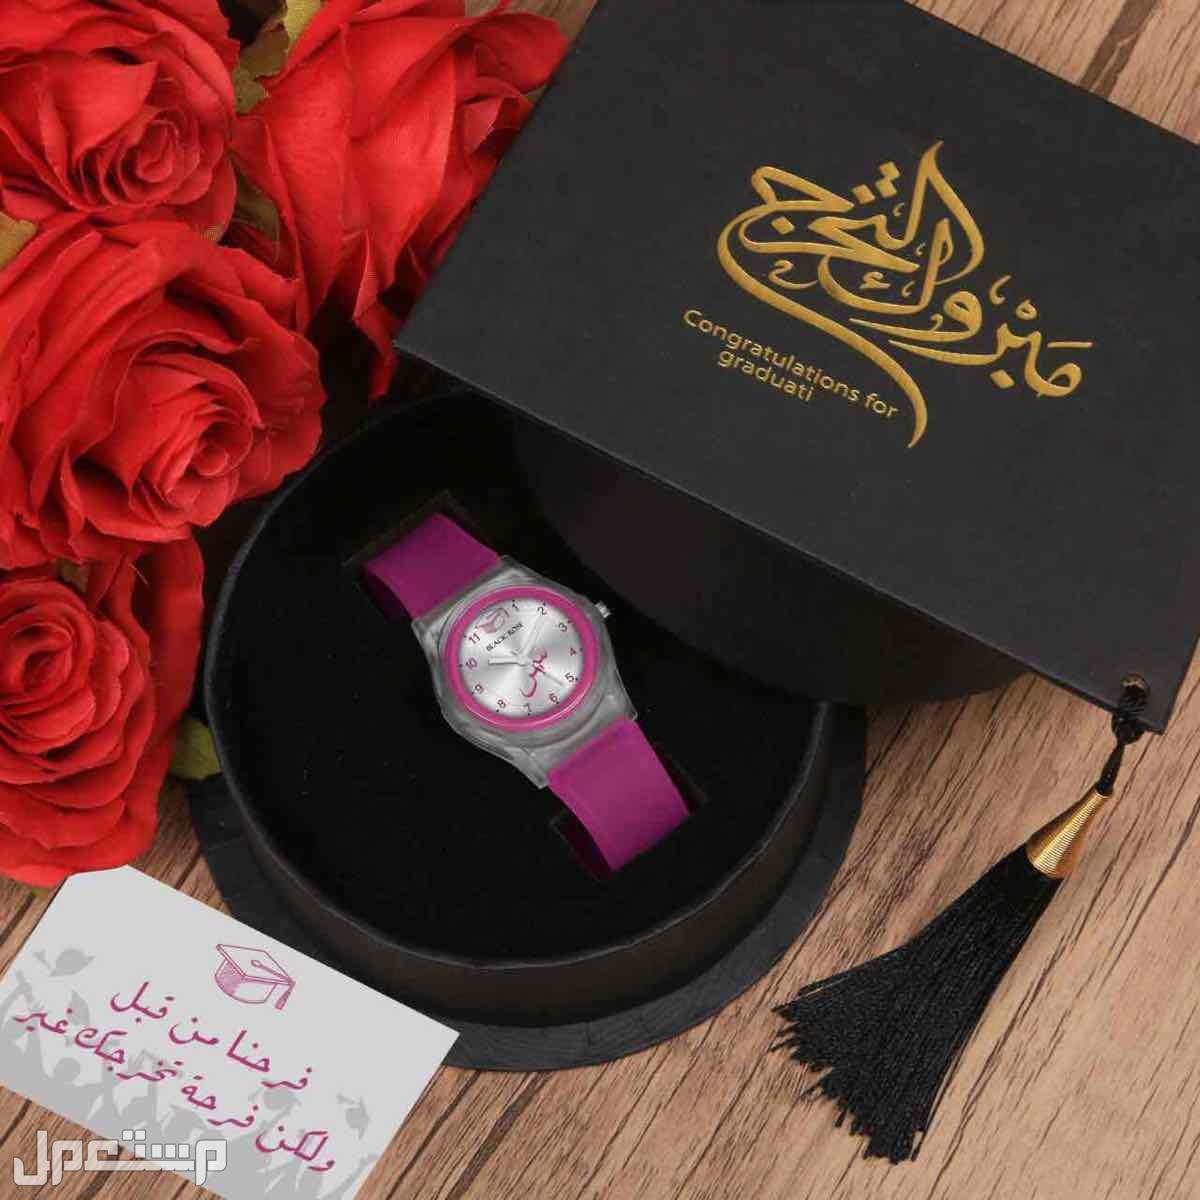 بوكس هدية للمتخرجين من بلاك روز (شحن لجميع مناطق المملكة)